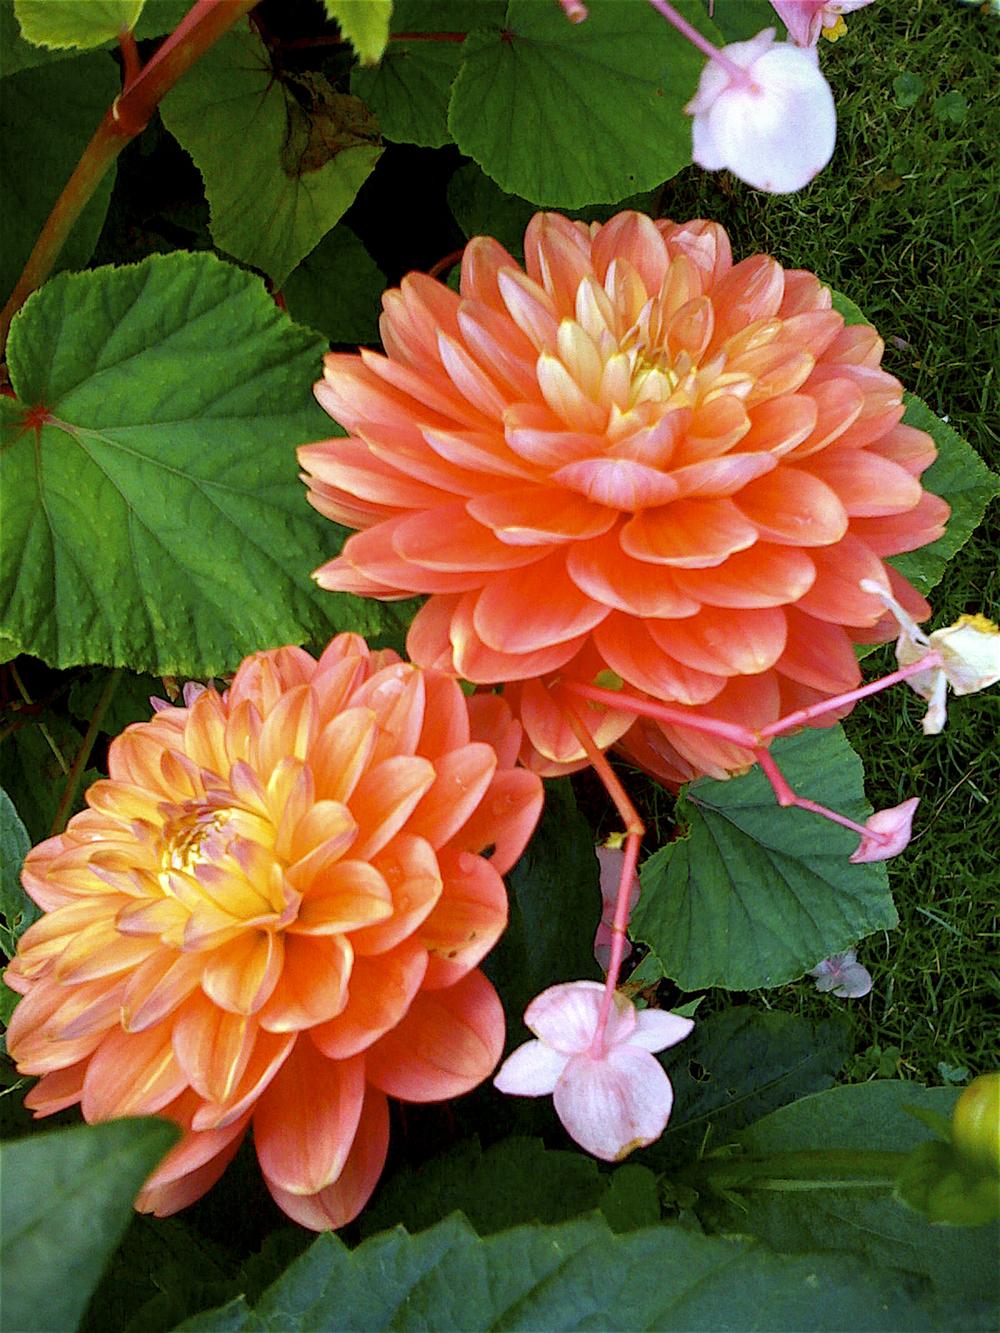 NE_Flowers_038.jpg